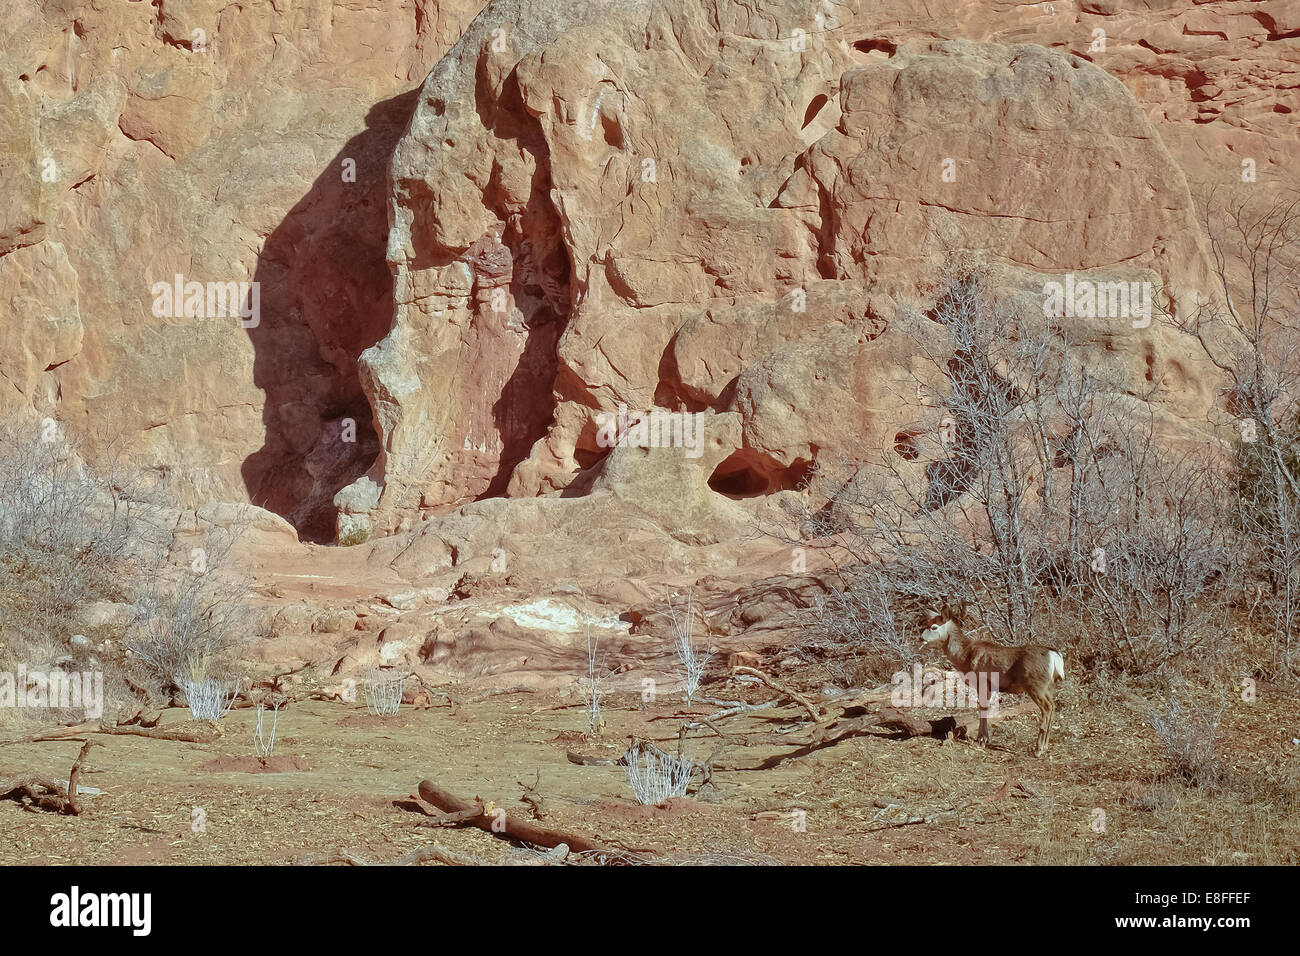 USA, Colorado, El Paso, Colorado Springs, Garden of the Gods, Garden Drive, Deer in natural environment - Stock Image